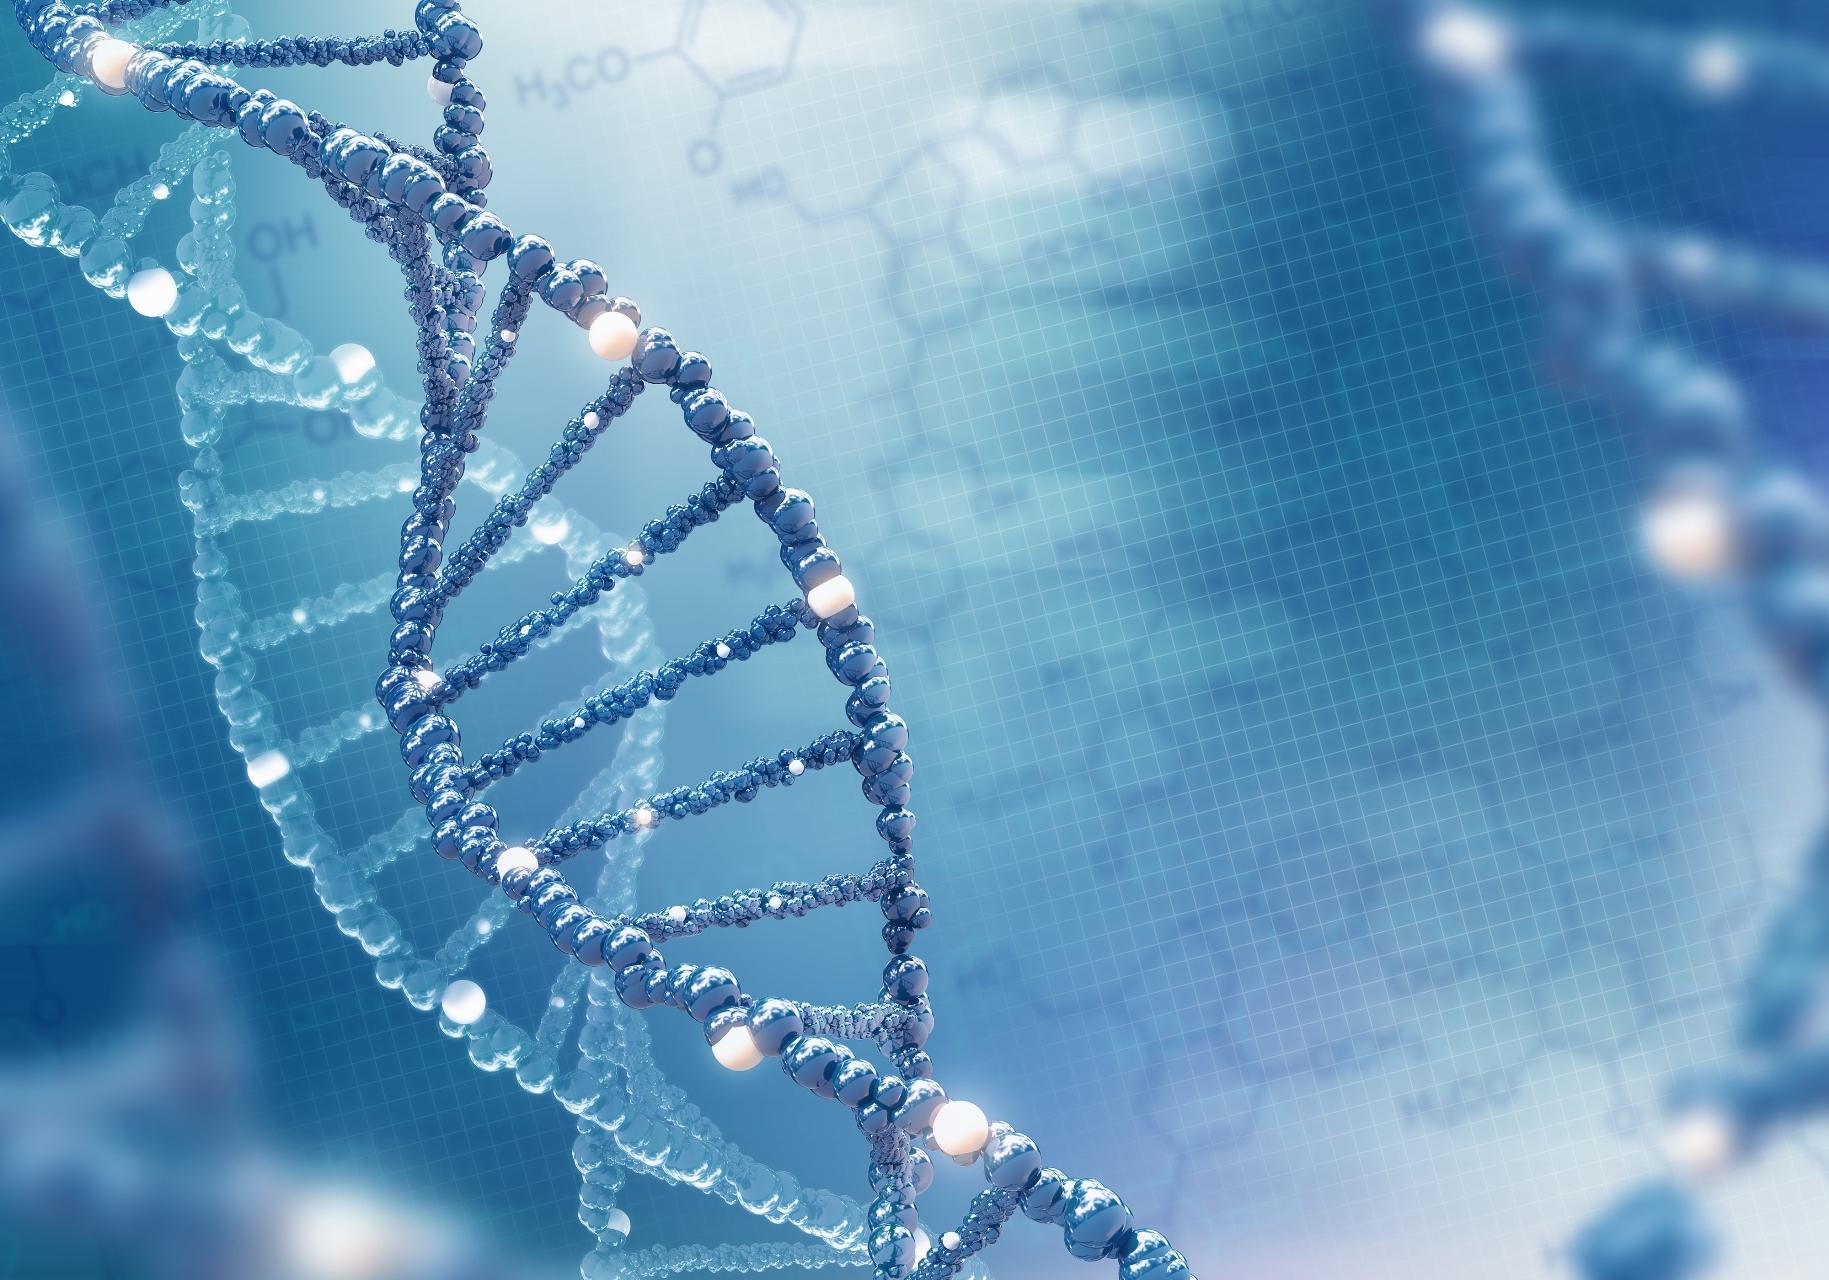 conceito de gene o que é um gene DNA conjunto de DNA livro de receitas do corpo humano